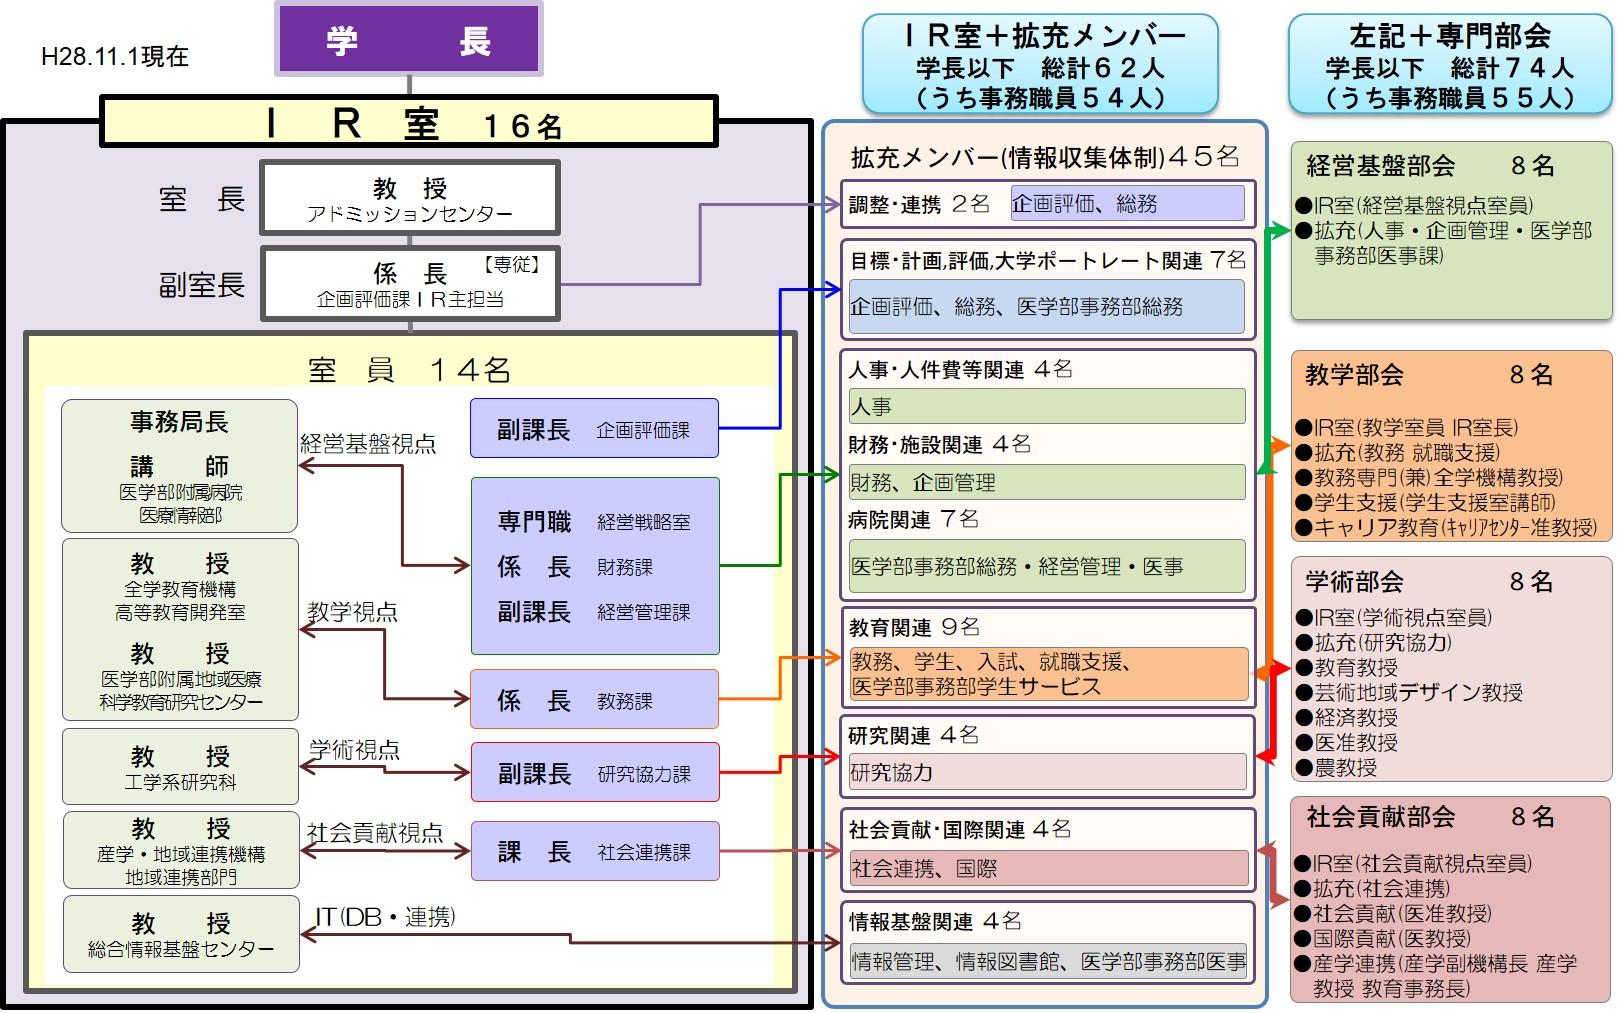 IR室の体制